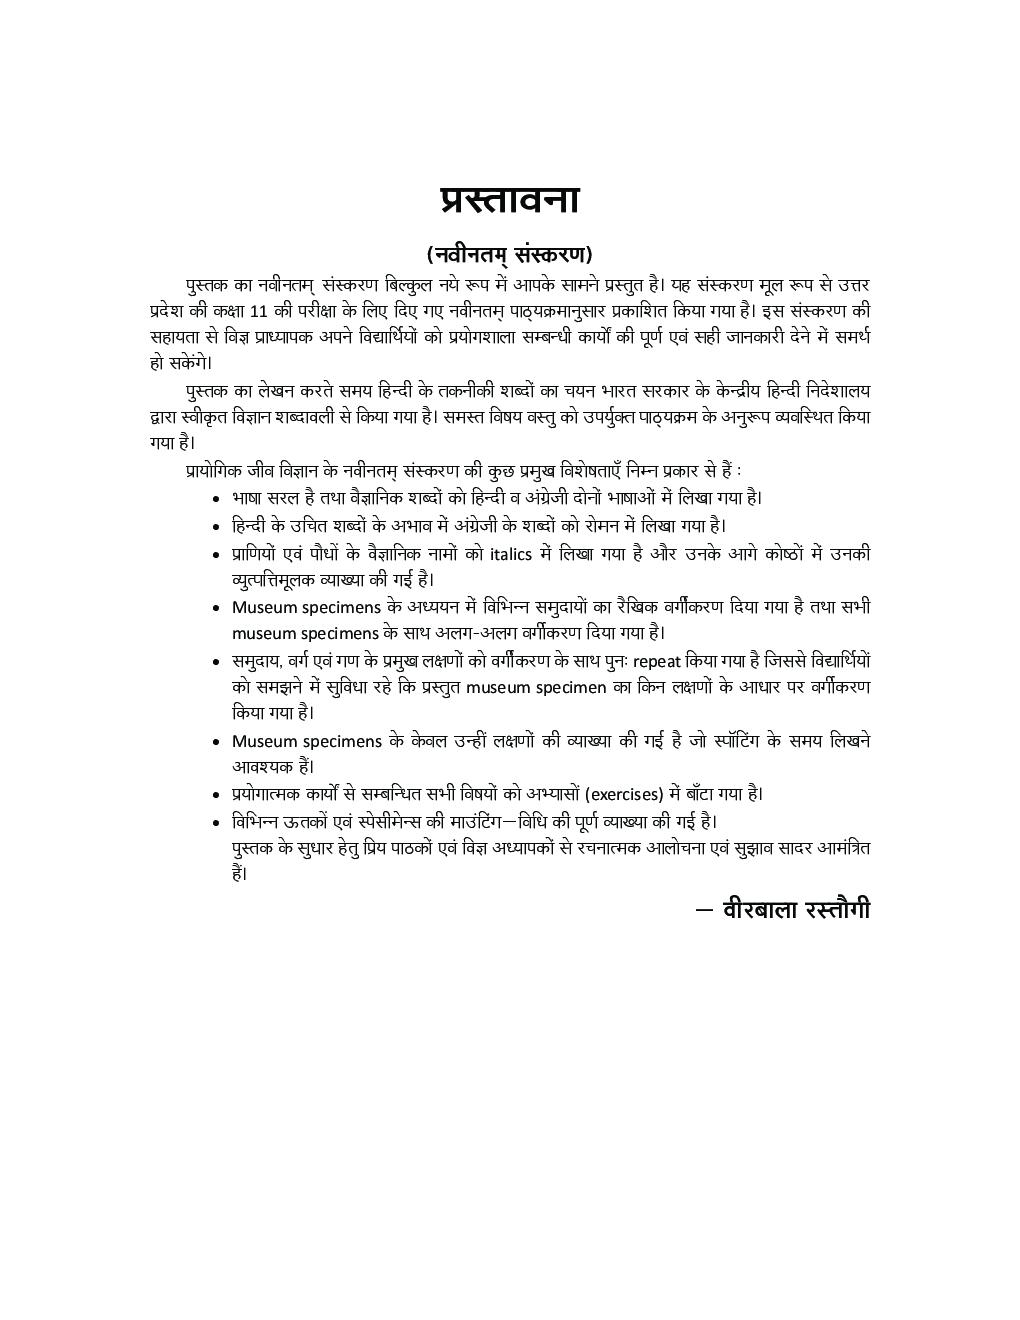 UP Board माध्यमिक प्रयोगात्मक जीव विज्ञान For Class - XI - Page 4